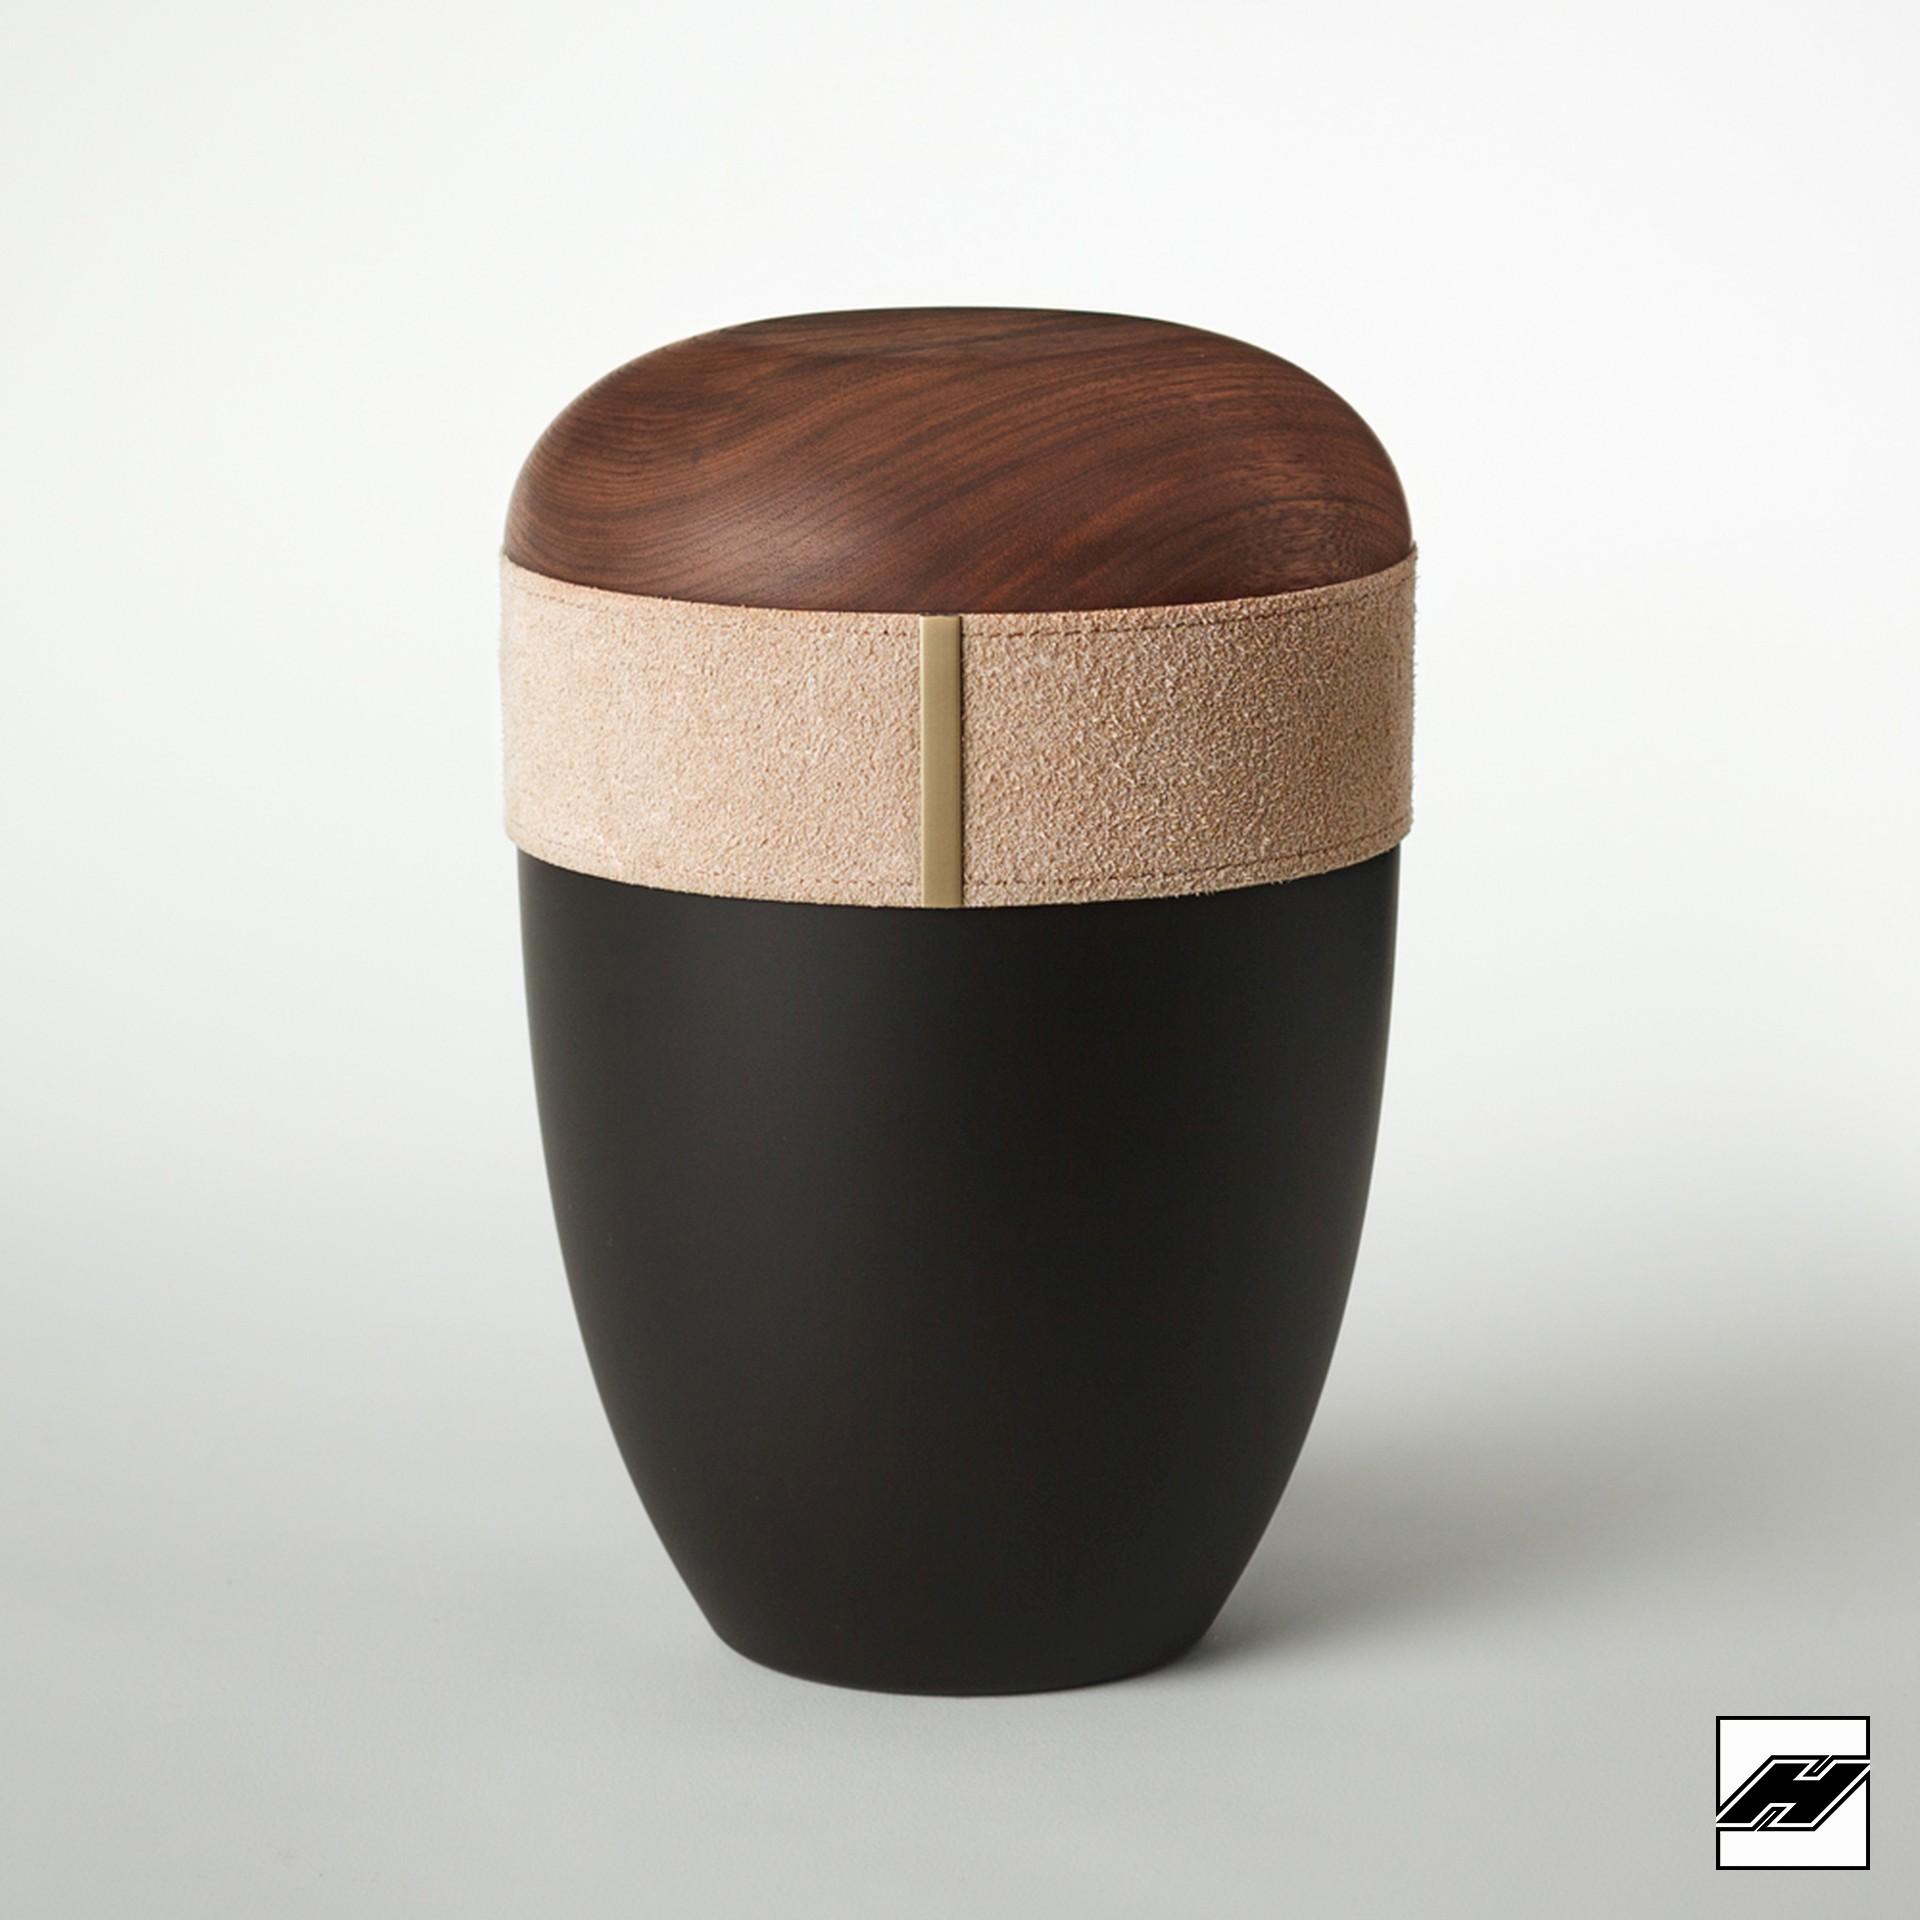 Urne Holz/Leder Caramel anthrazit, mit Wildleder